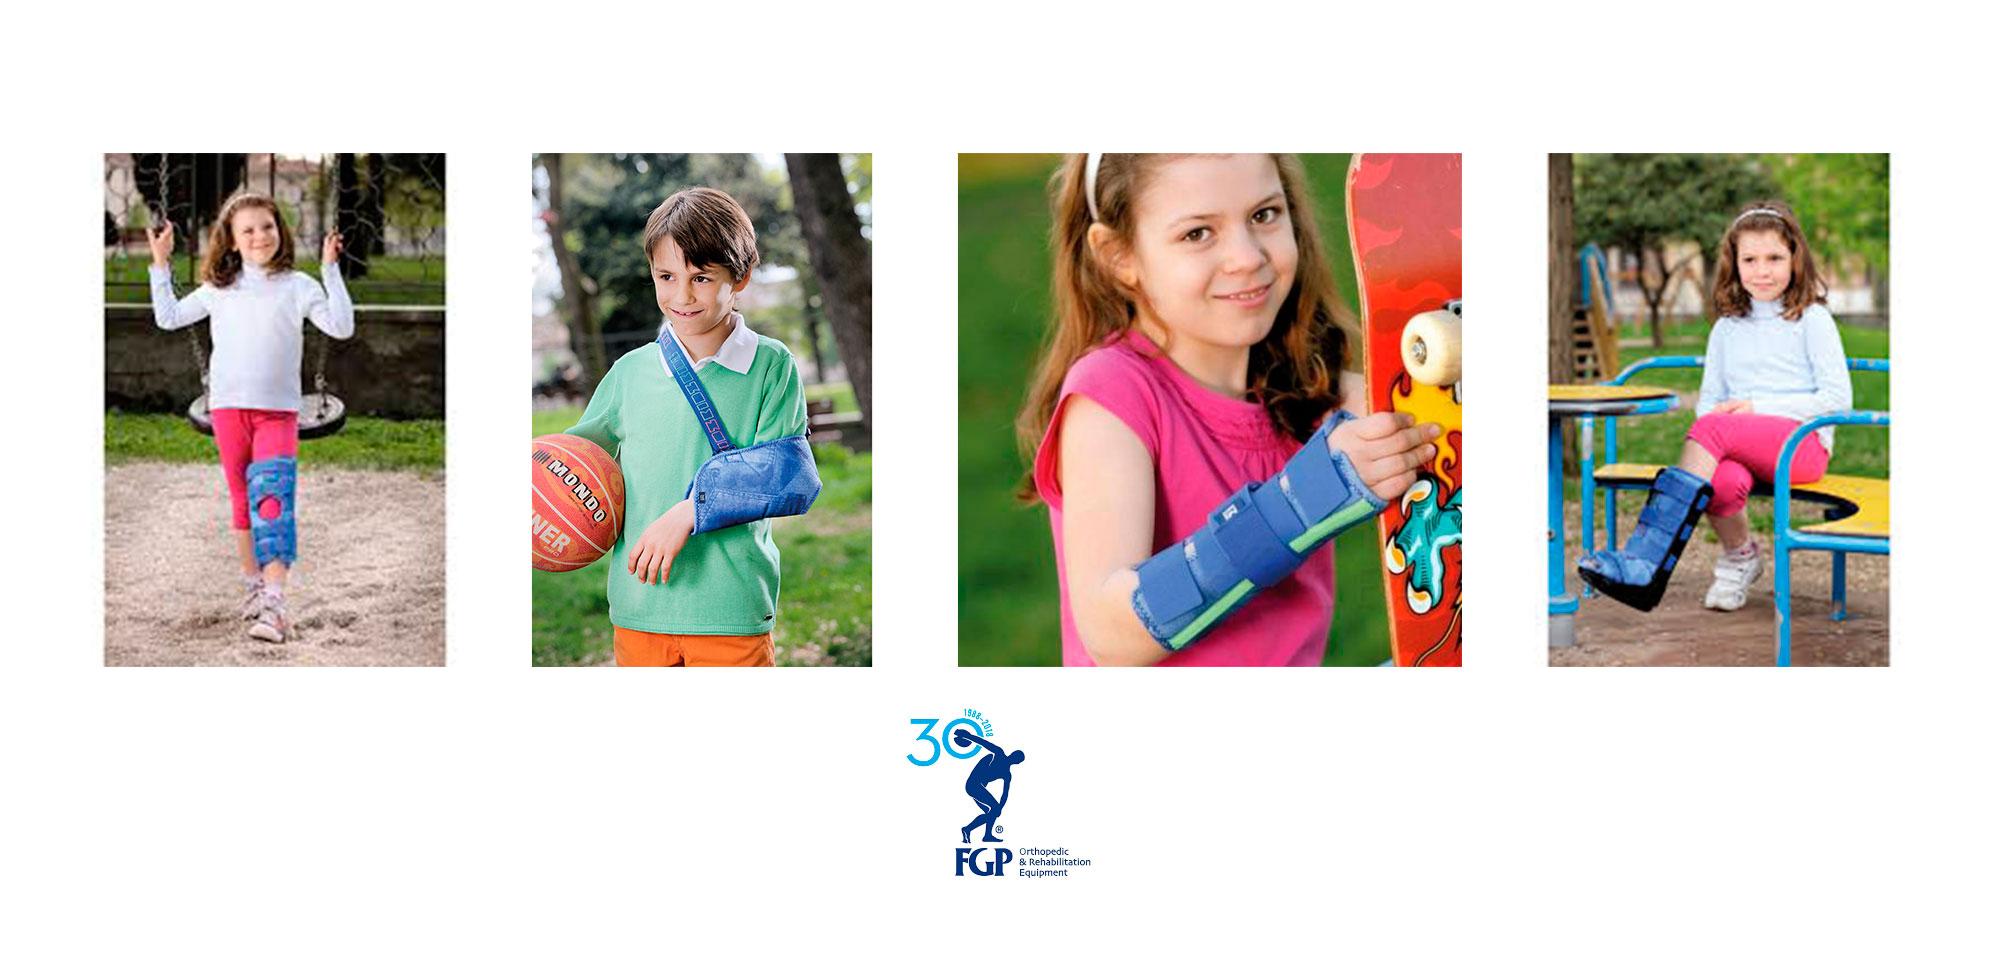 supporti ortopedici per bambini disponibili da Sanisfera